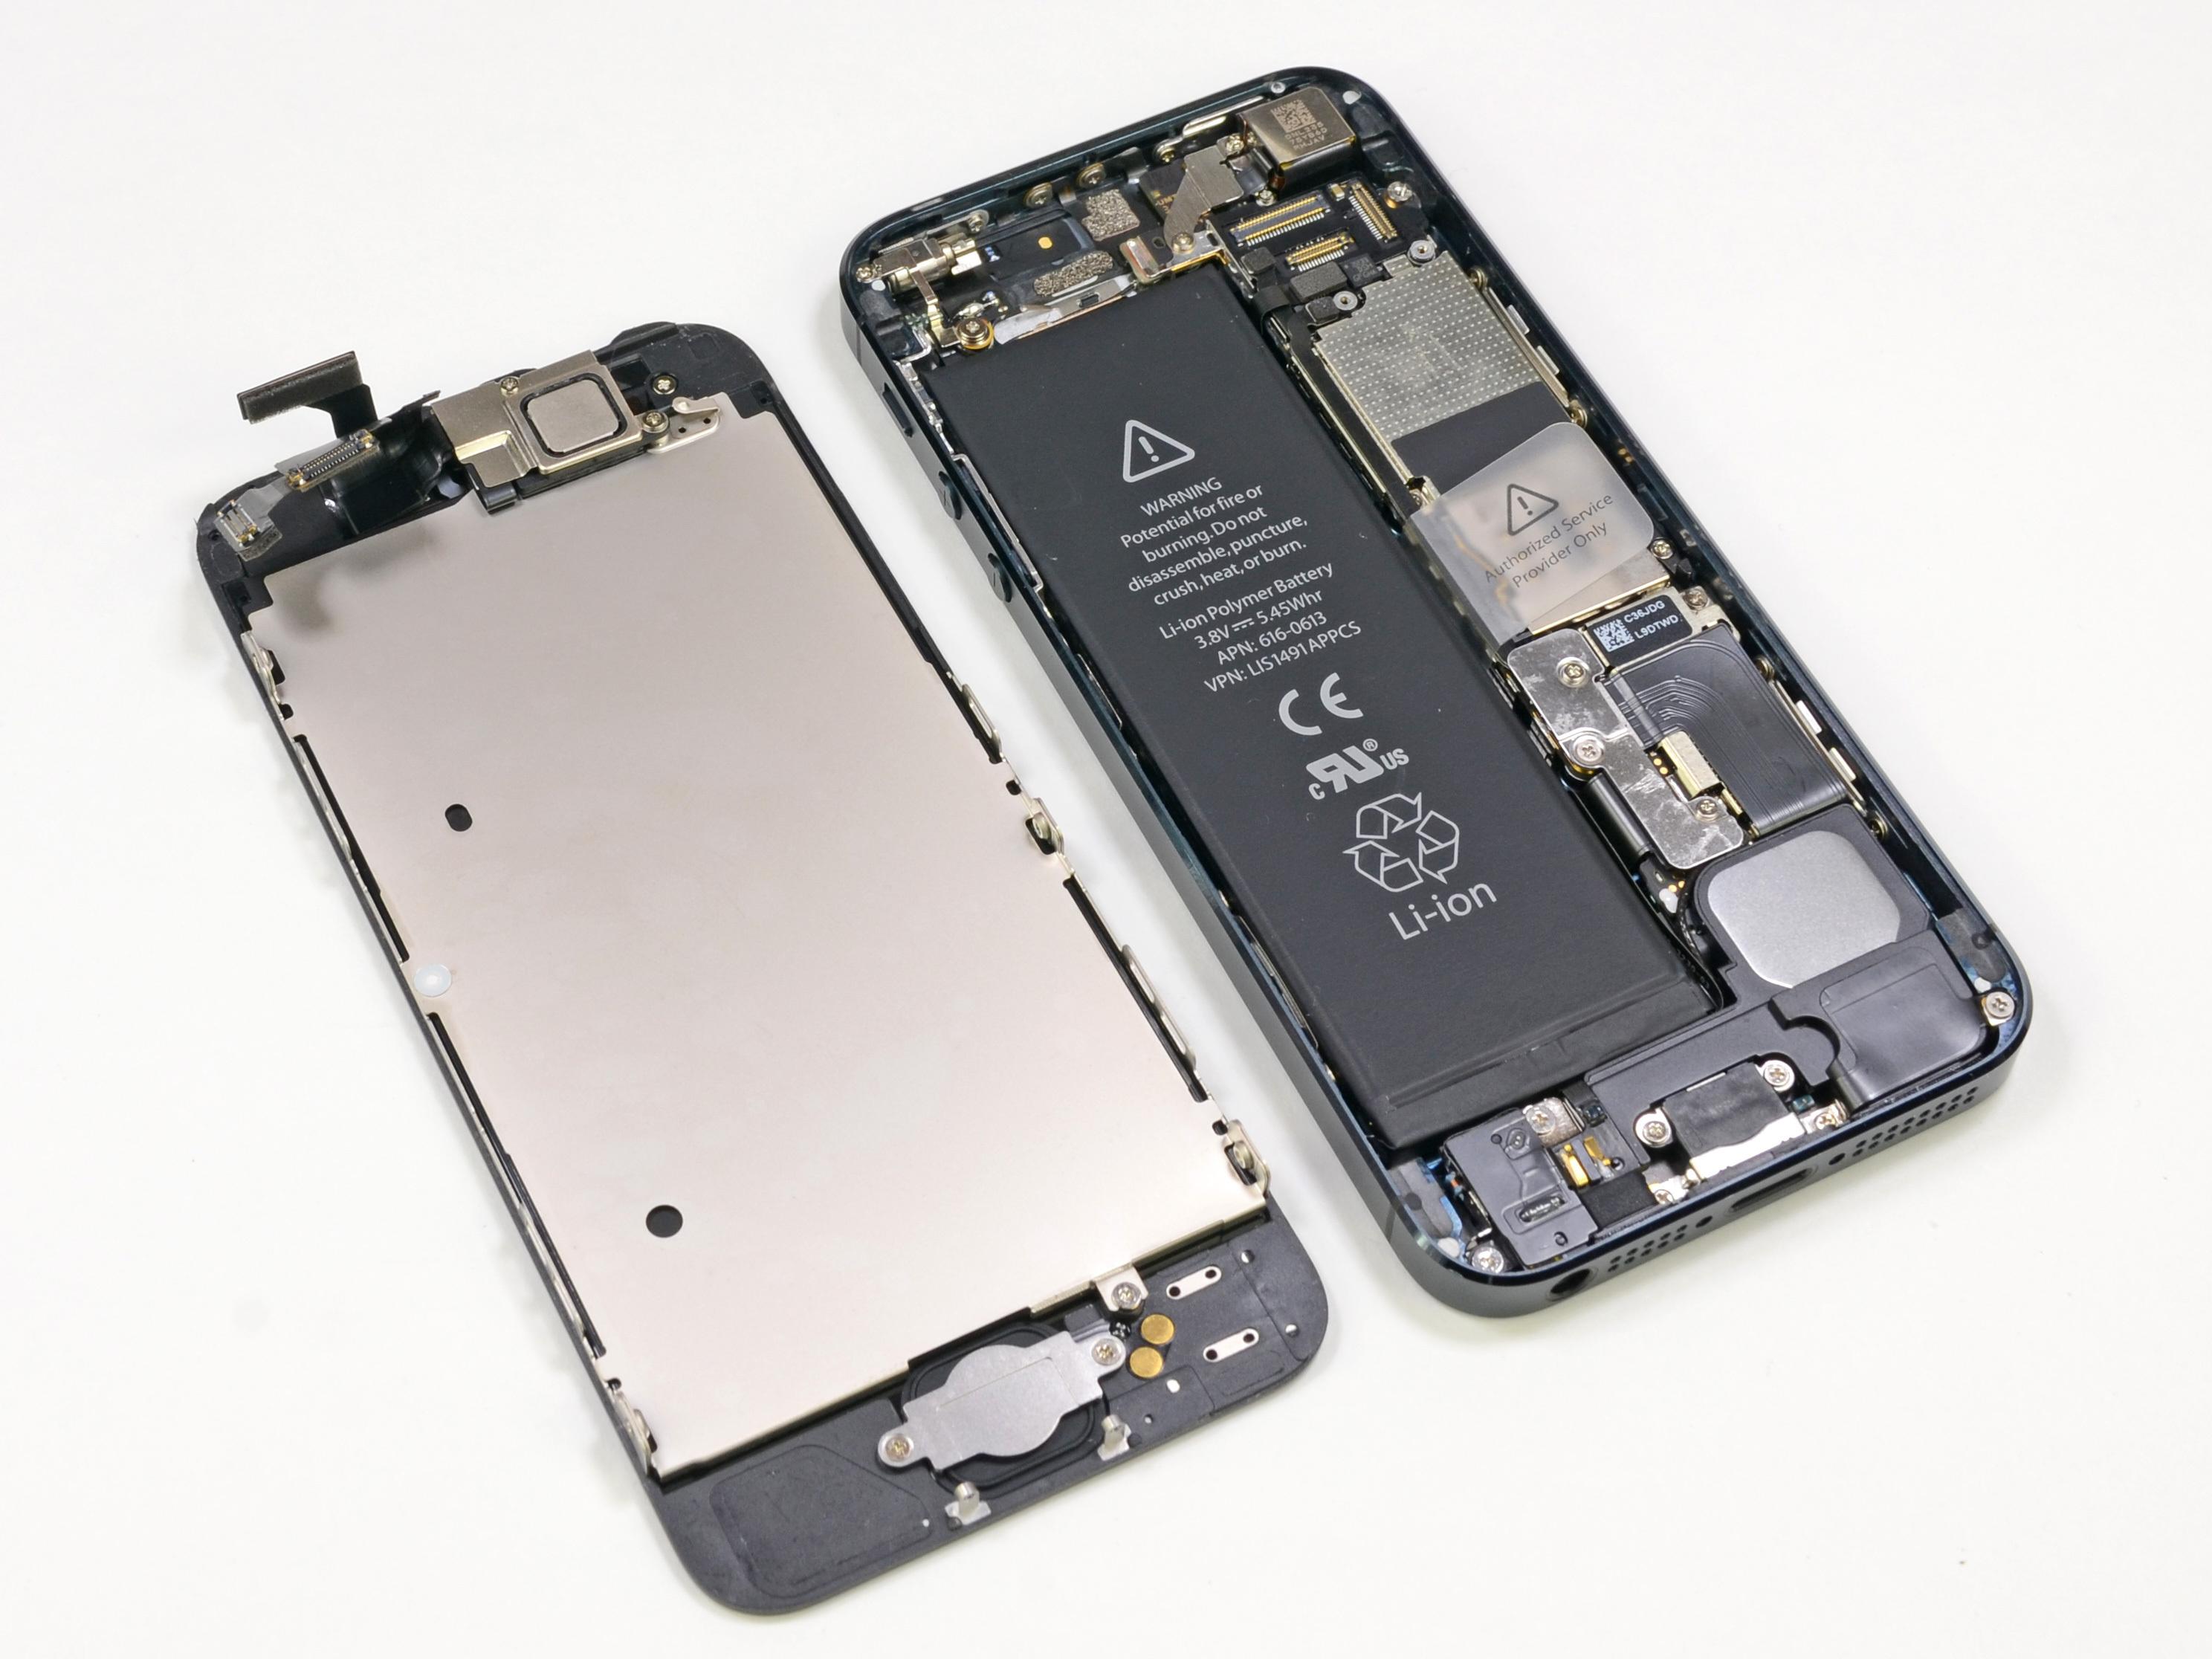 Fotos de supostas peças do iPhone 5S vazam na internet